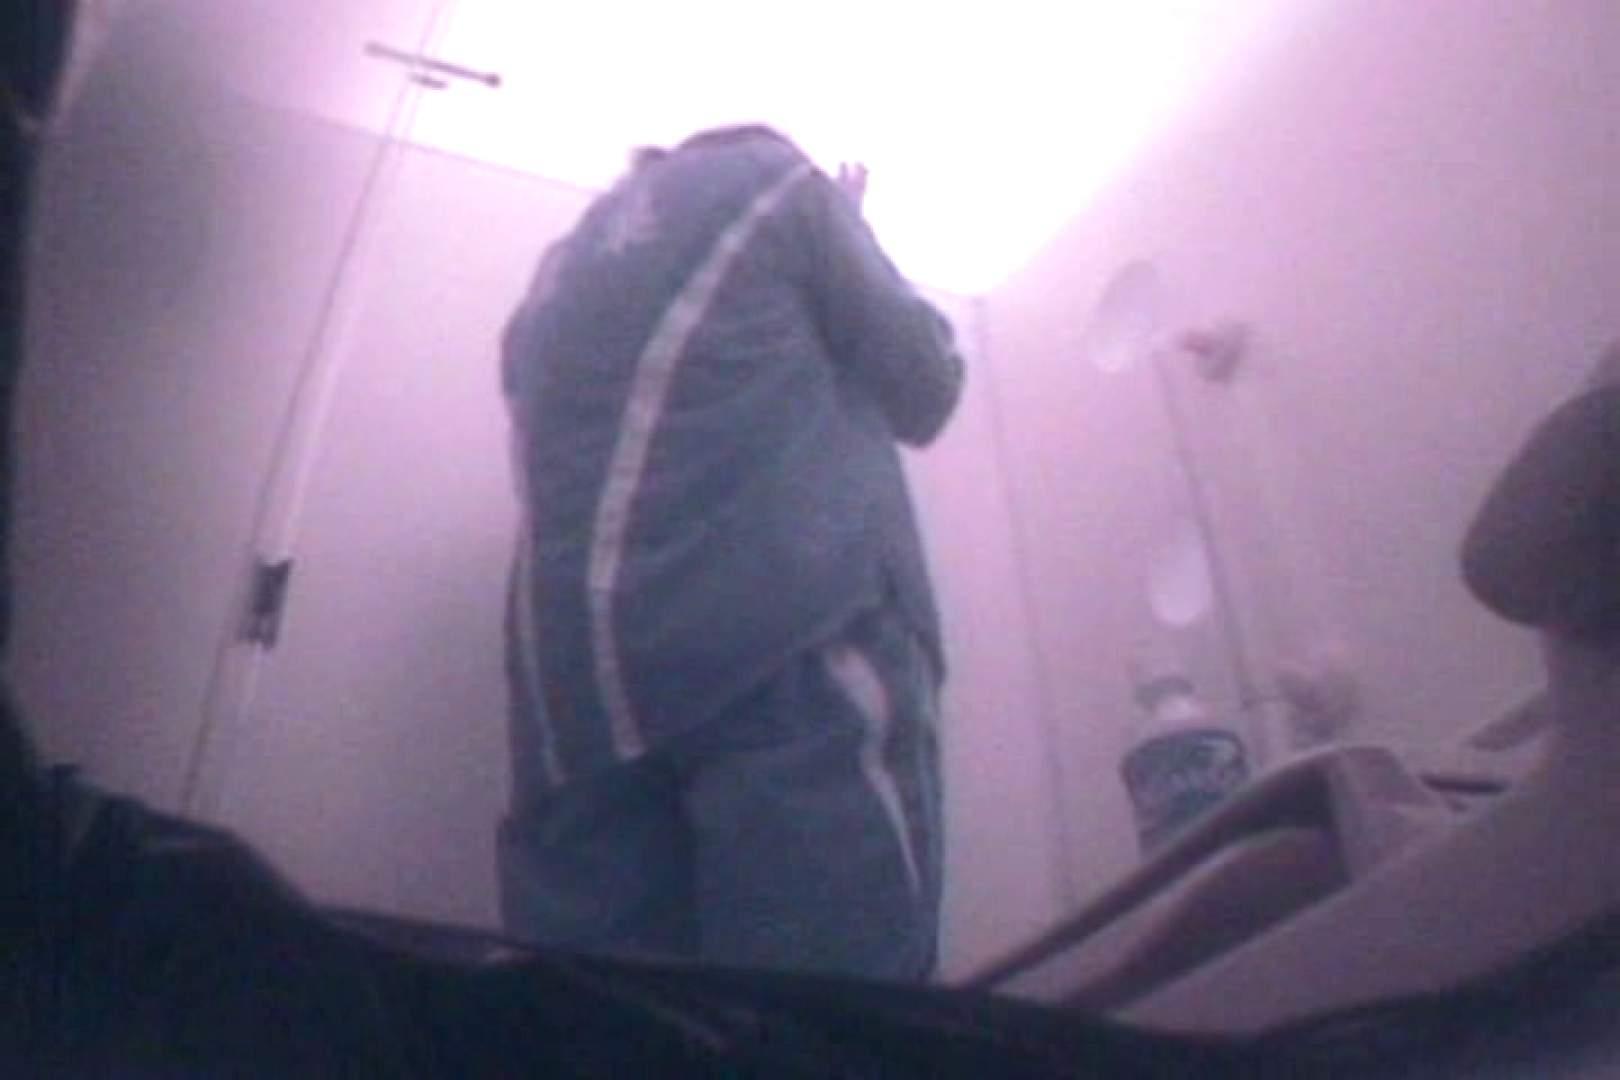 陸上部洗面所Vol.3 洗面所はめどり オマンコ動画キャプチャ 99画像 50